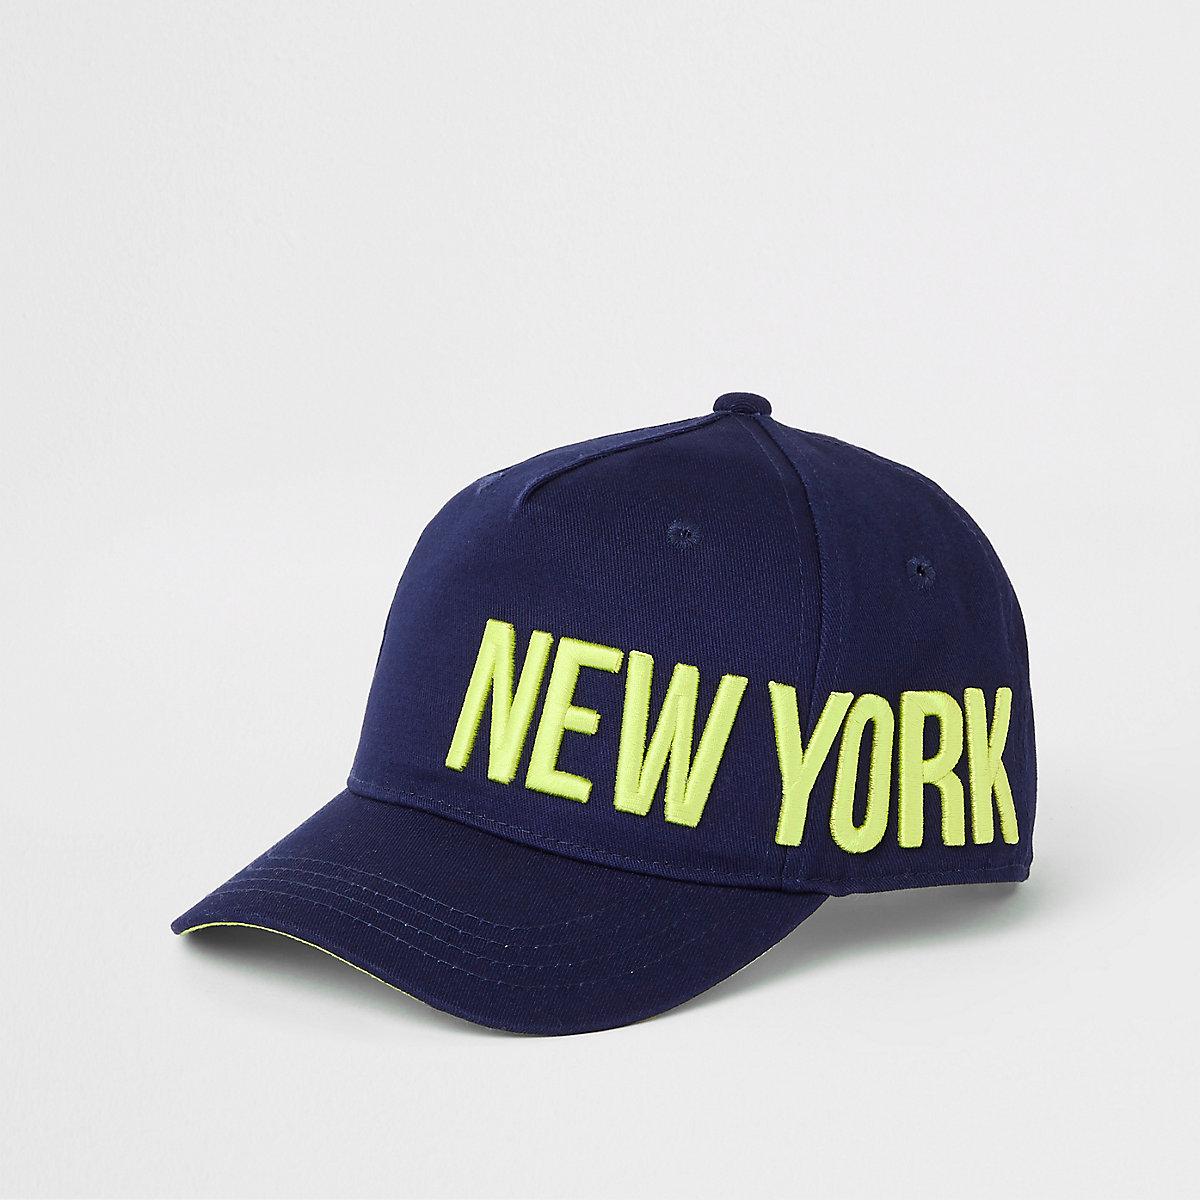 Boys navy 'New York' cap